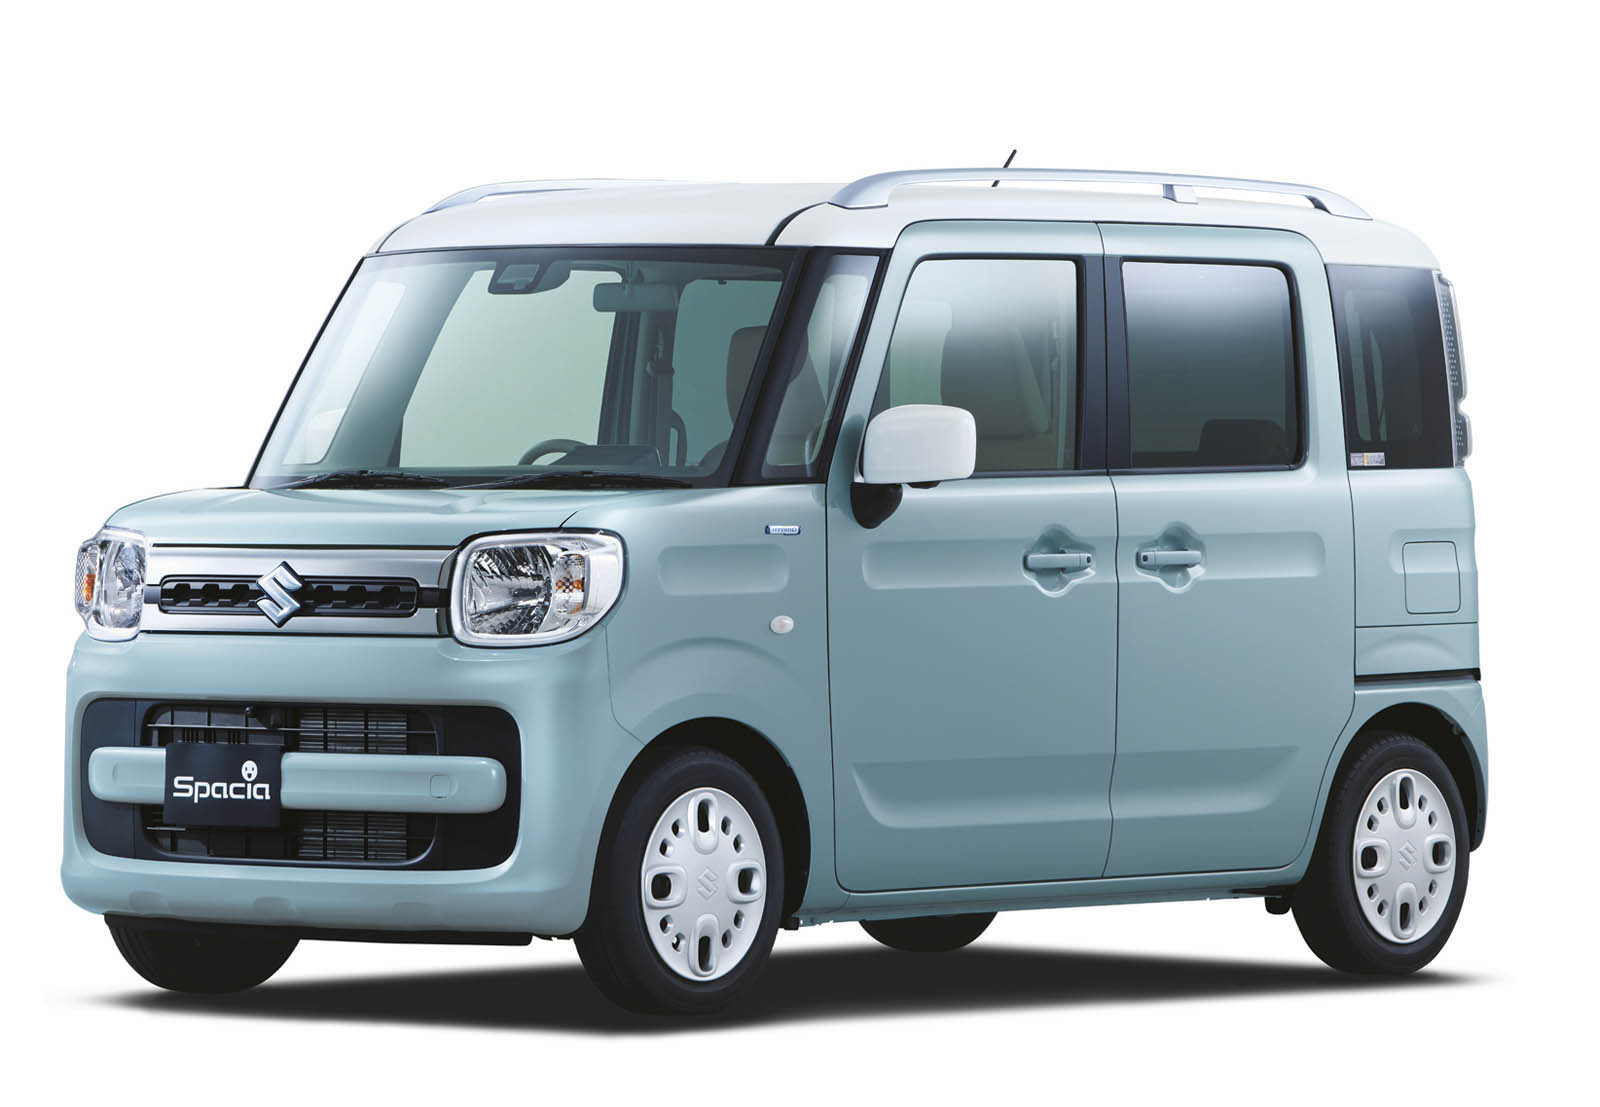 Suzuki Spacia 2018 (1)